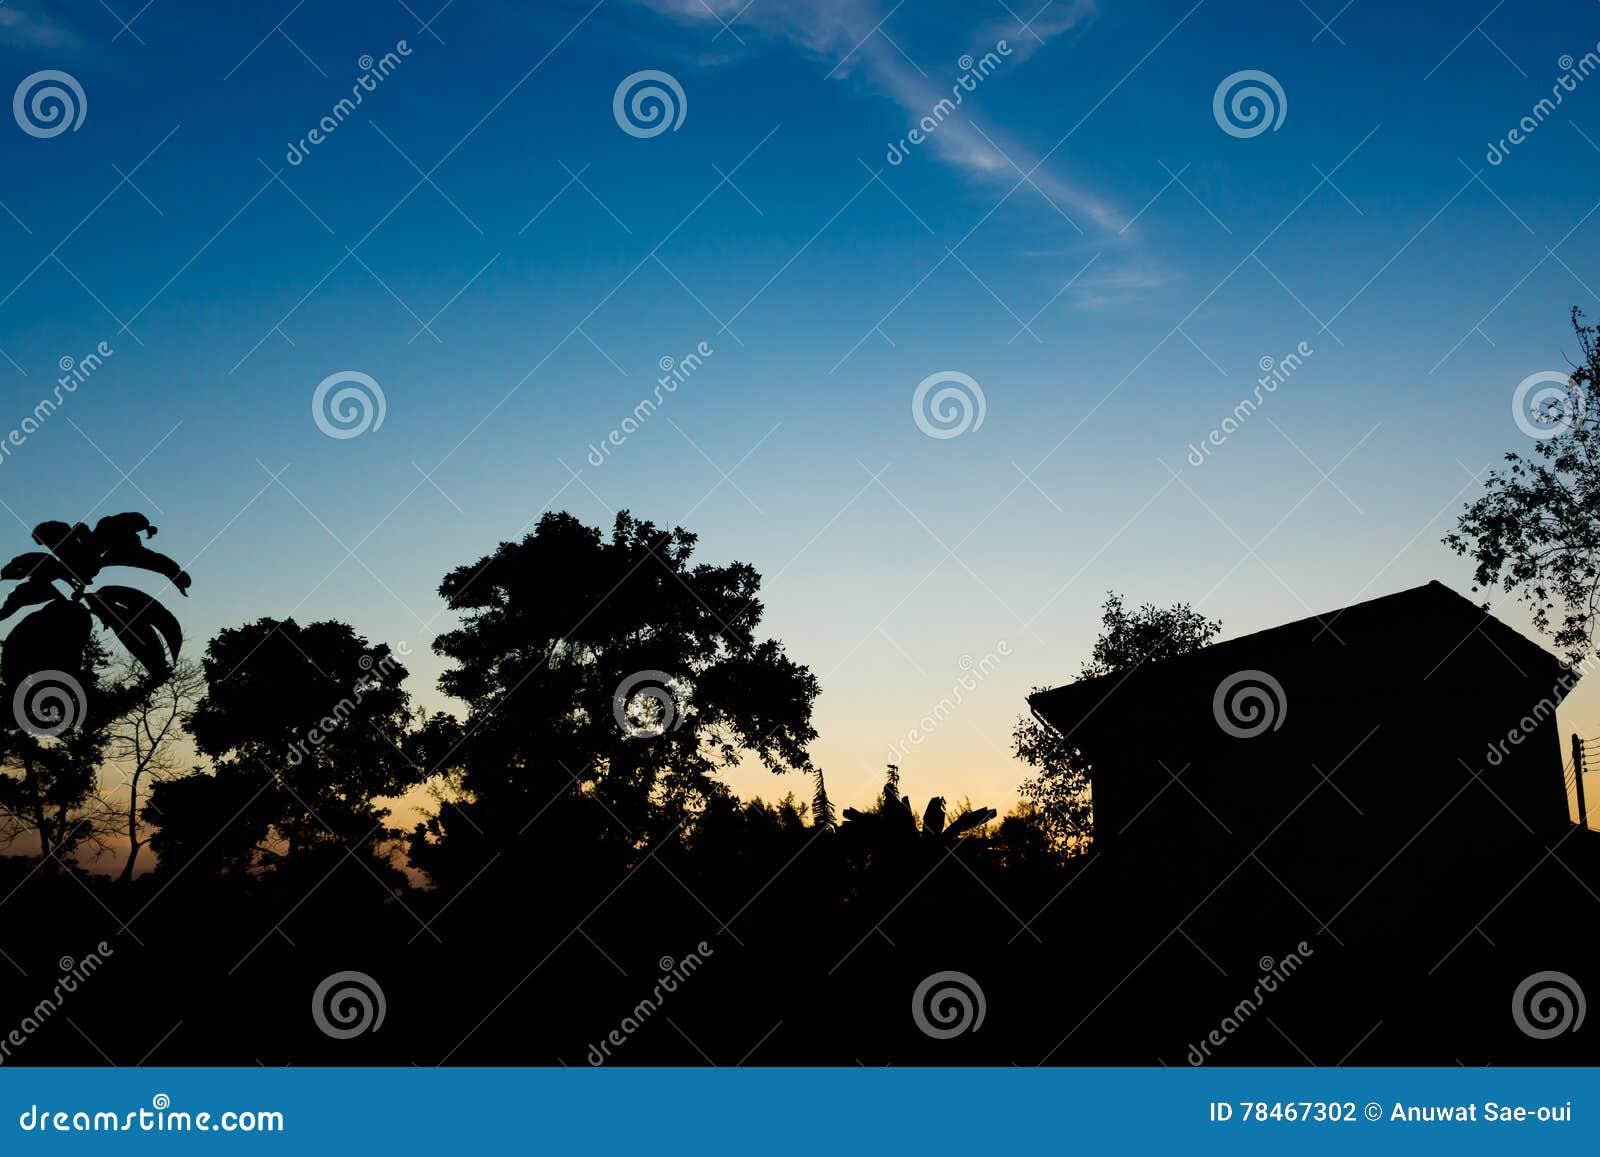 Blauwe hemelzonsondergang met siluate van boom en huis